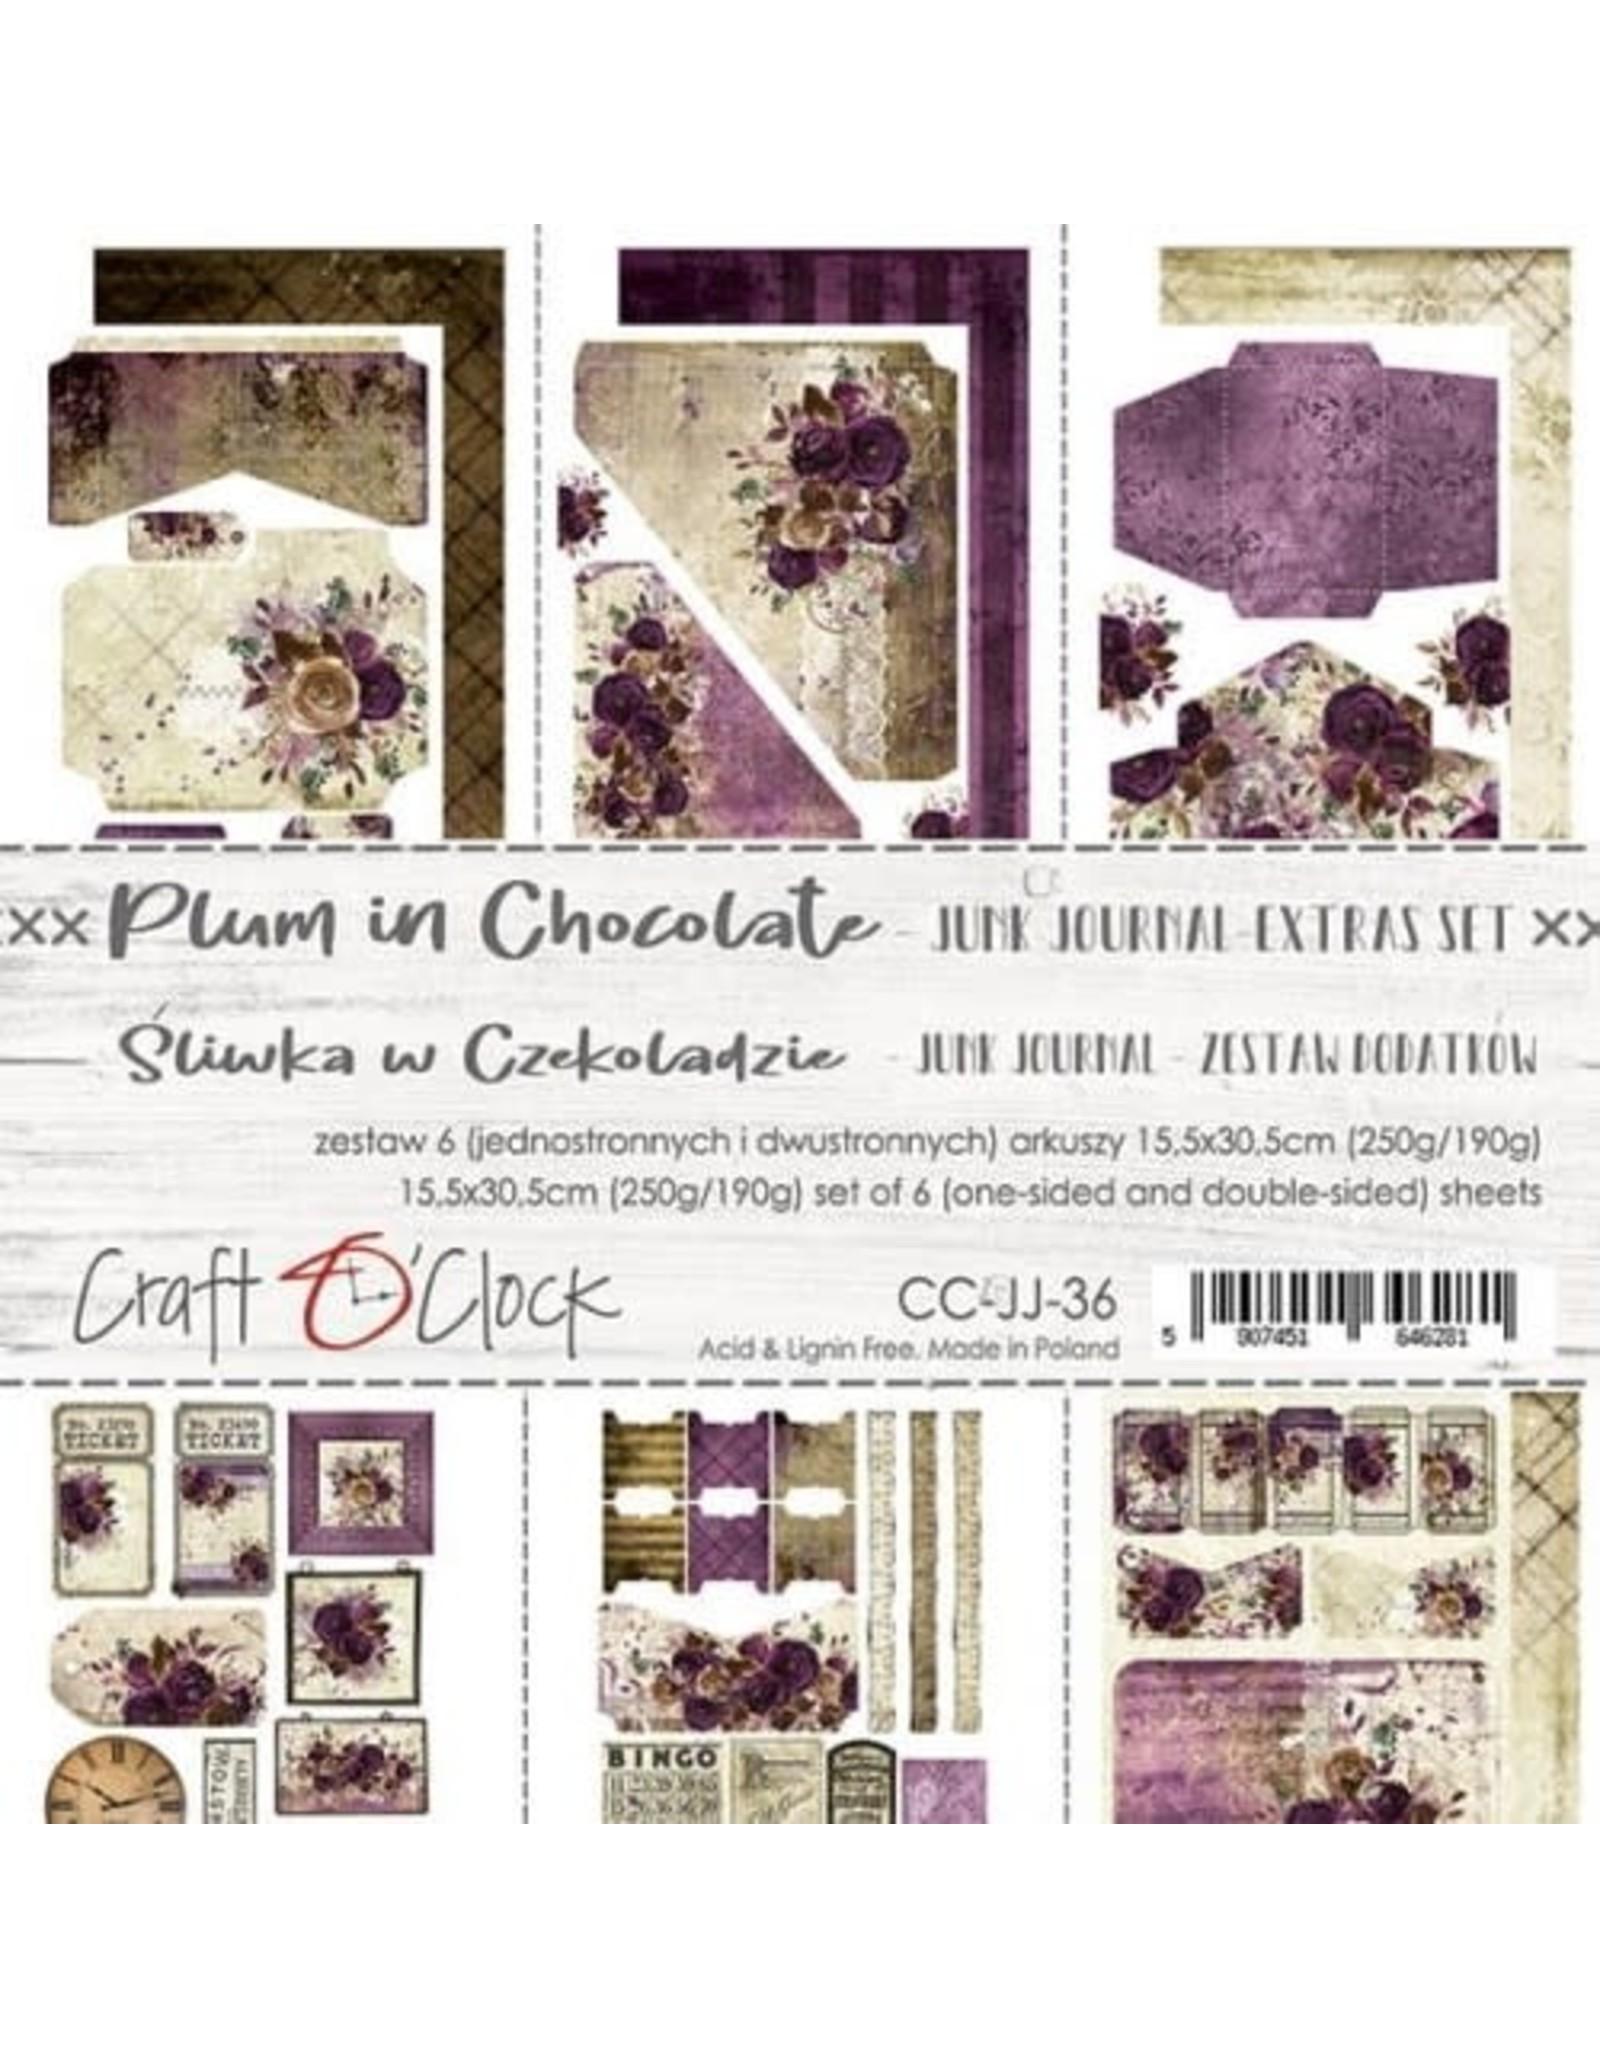 Craft O'Clock Craft O'Clock  Plum in Chocolate  Junk journal extra set